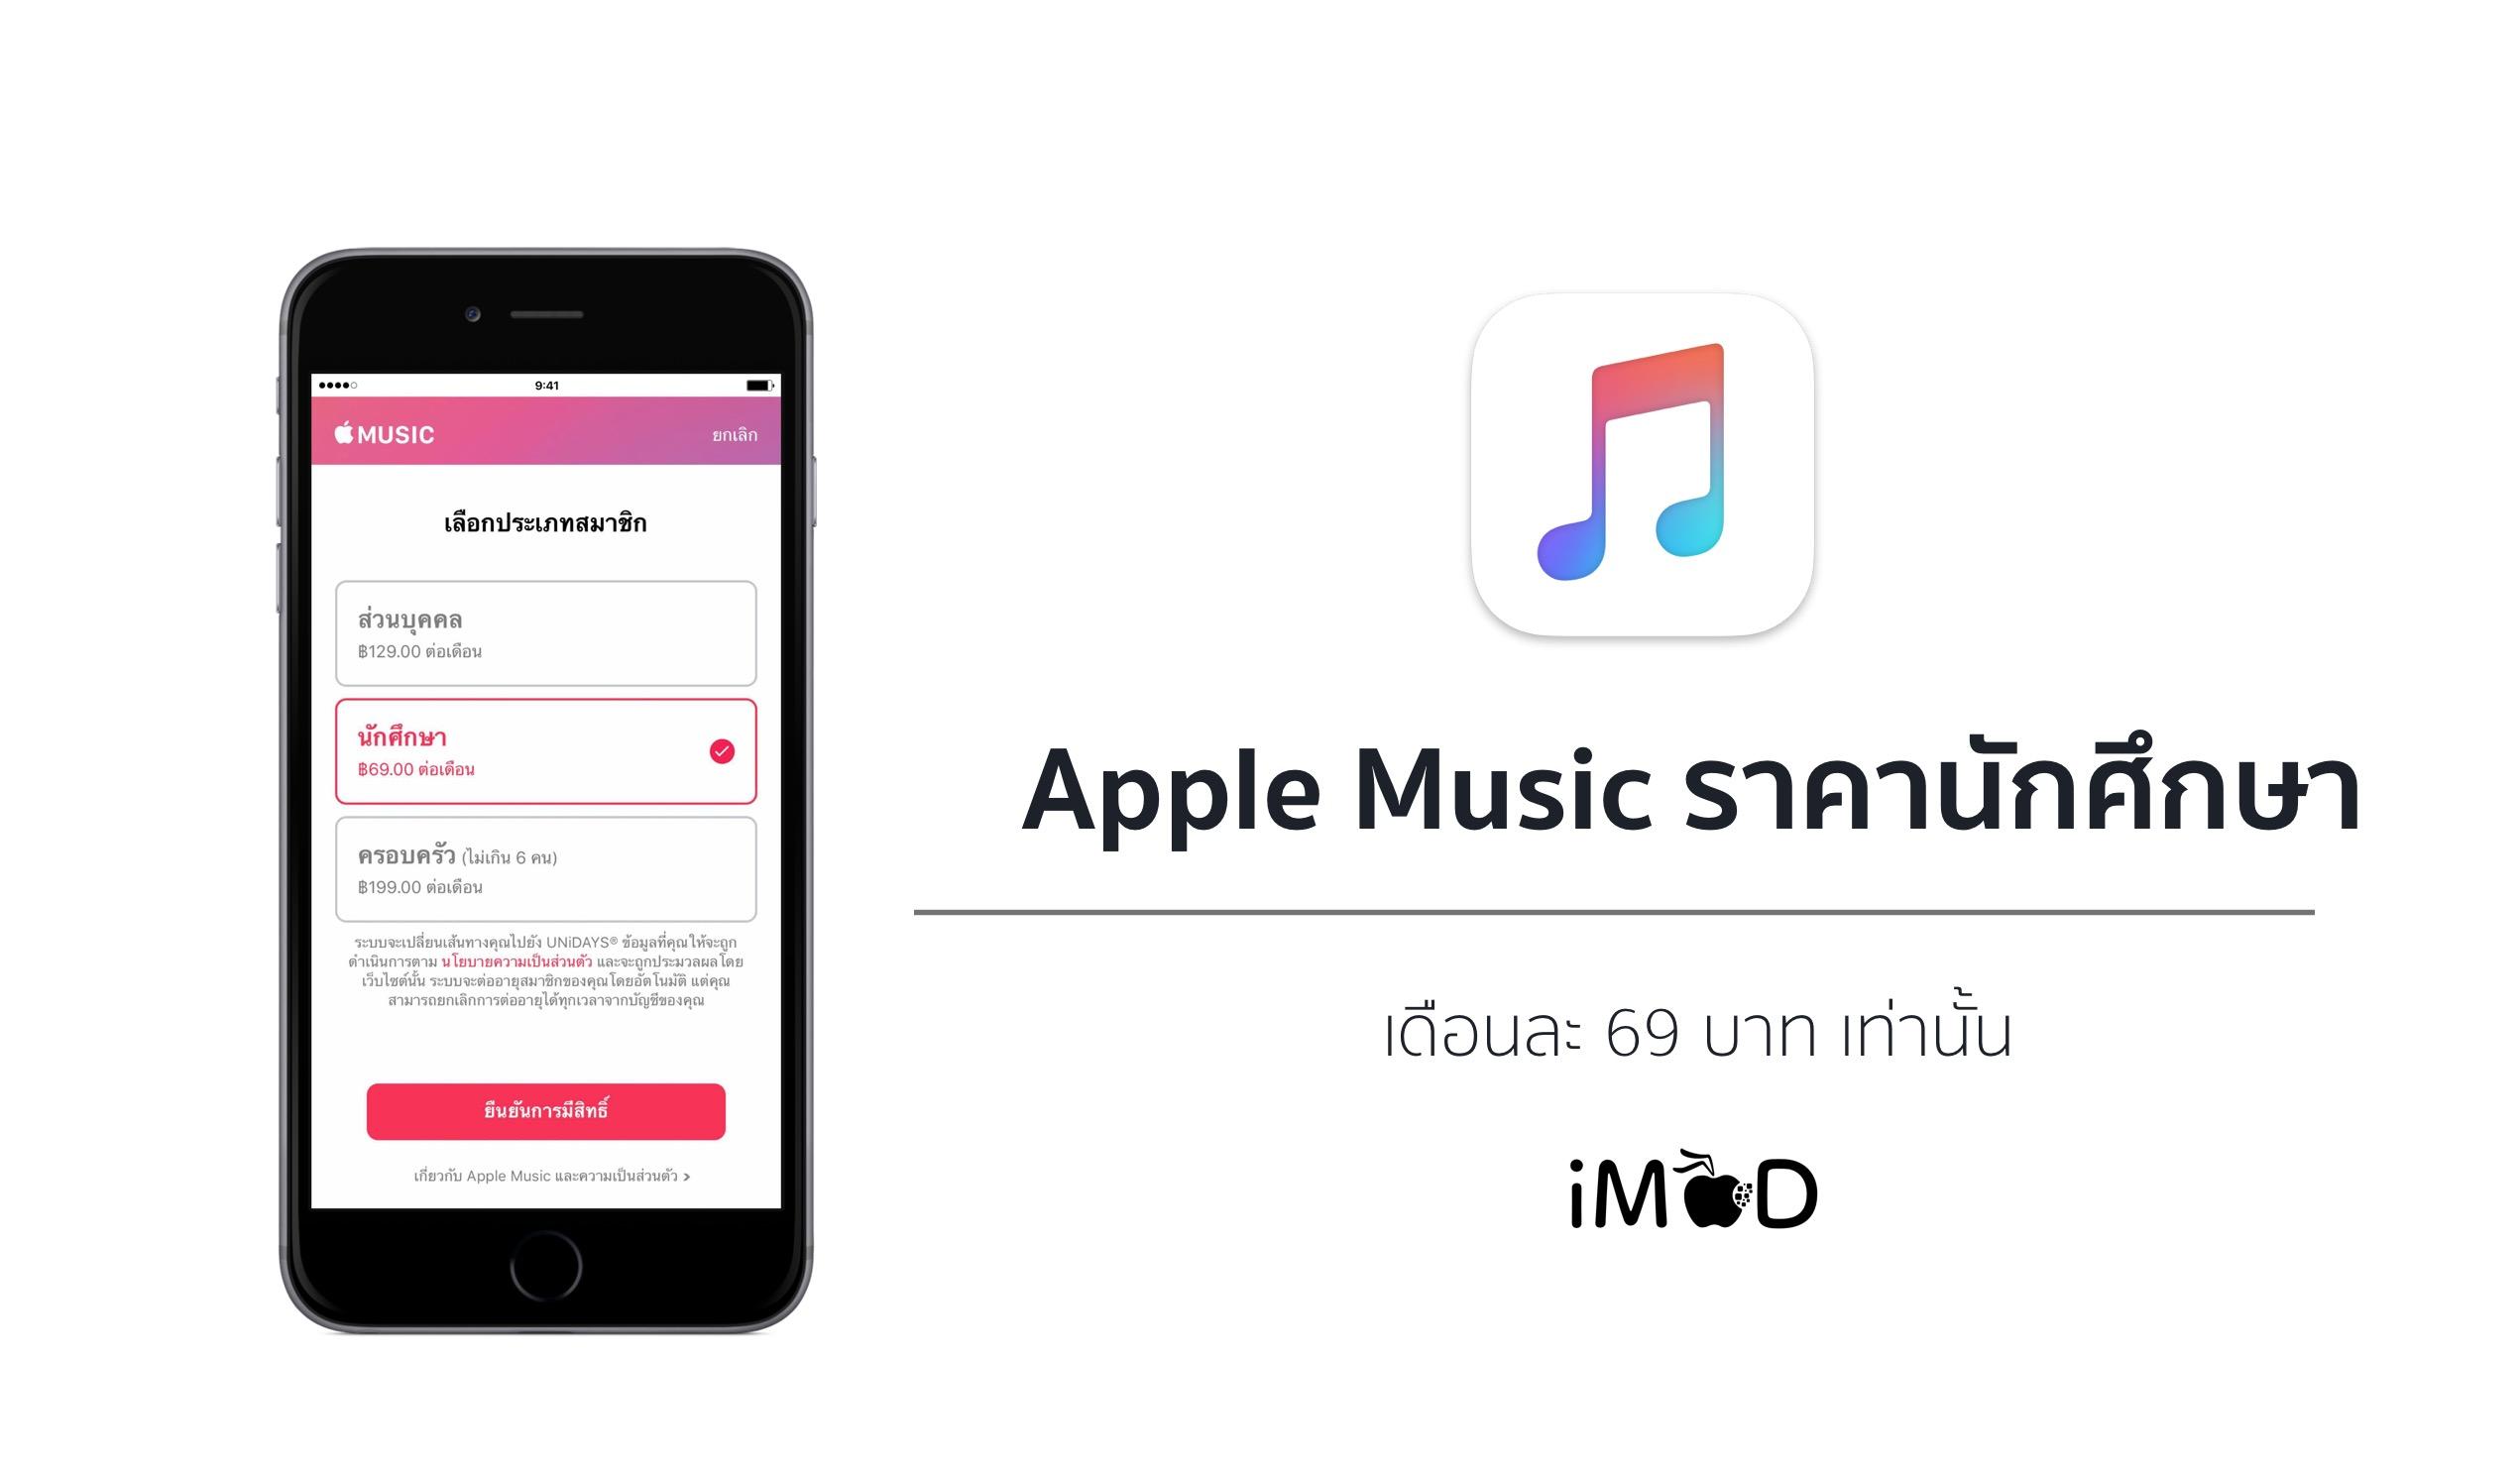 Apple Music เดือนละ 69 บาท สำหรับนักศึกษา ราคาปกติ 129 บาท